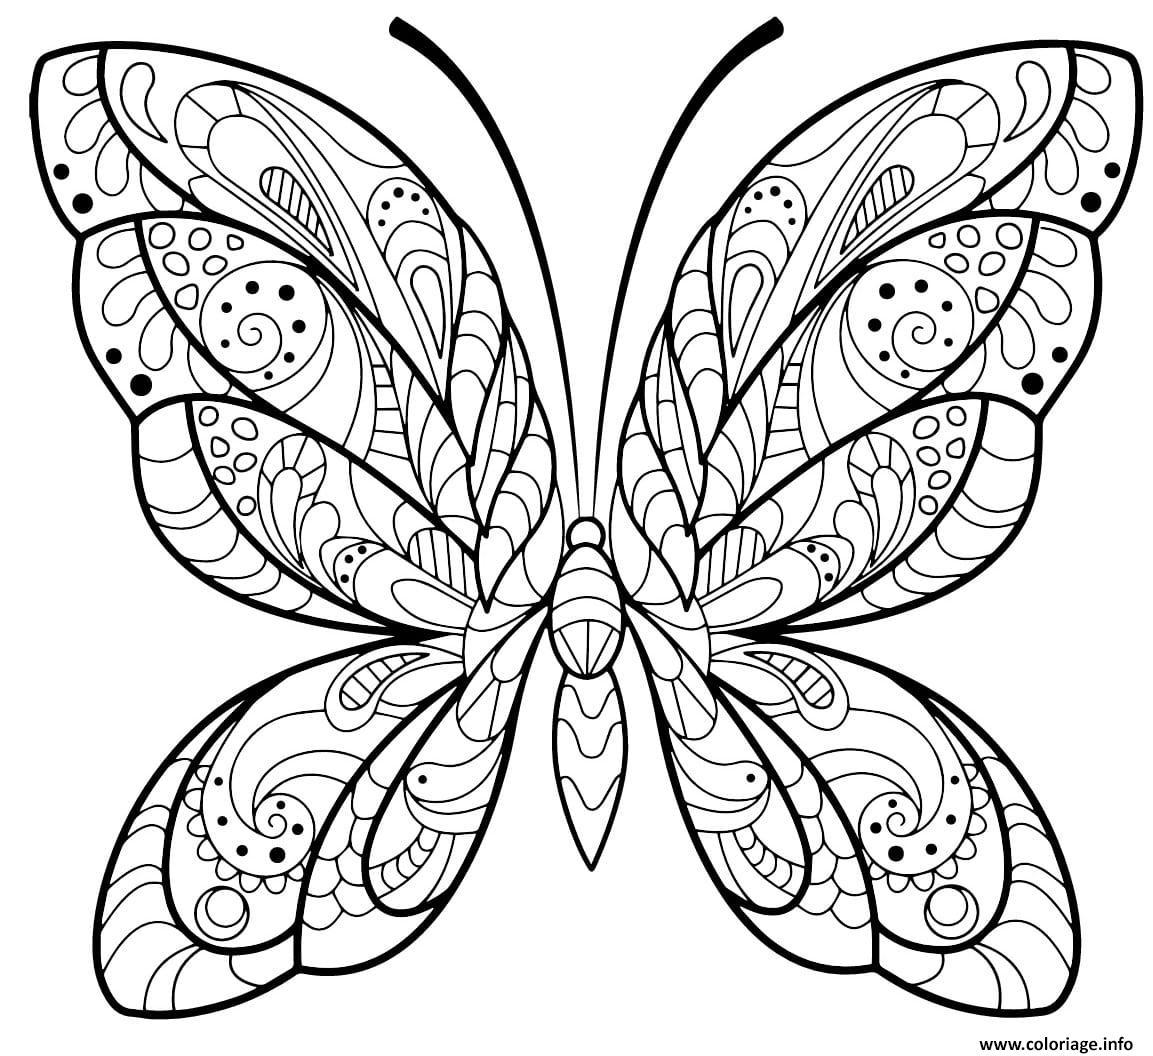 Coloriage Papillon Jolis Motifs 2 Dessin Adulte Papillon A Imprimer